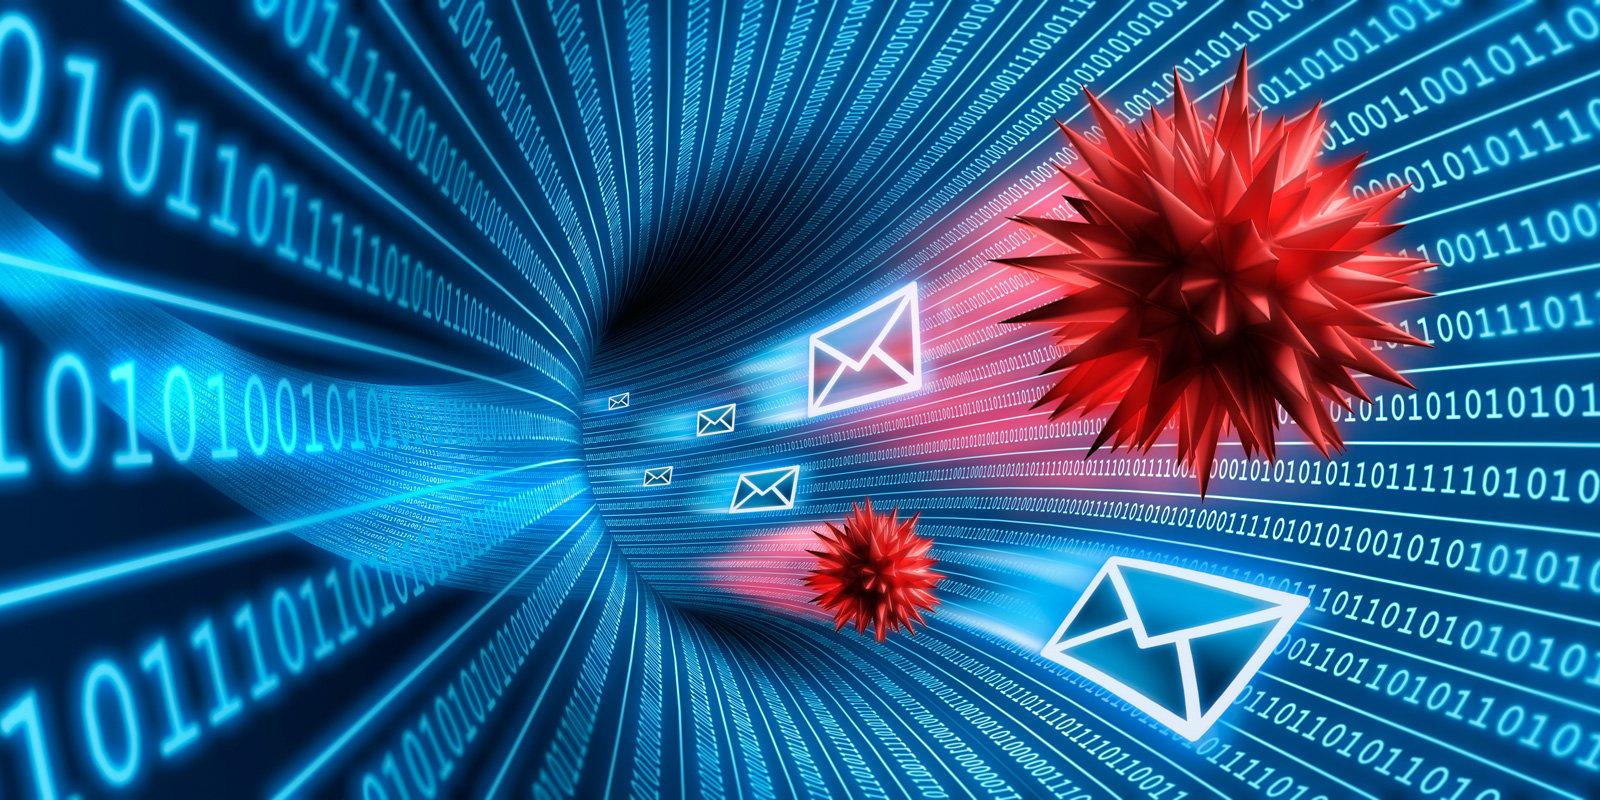 Microsoft: Massive malware campaign delivers fake ransomware